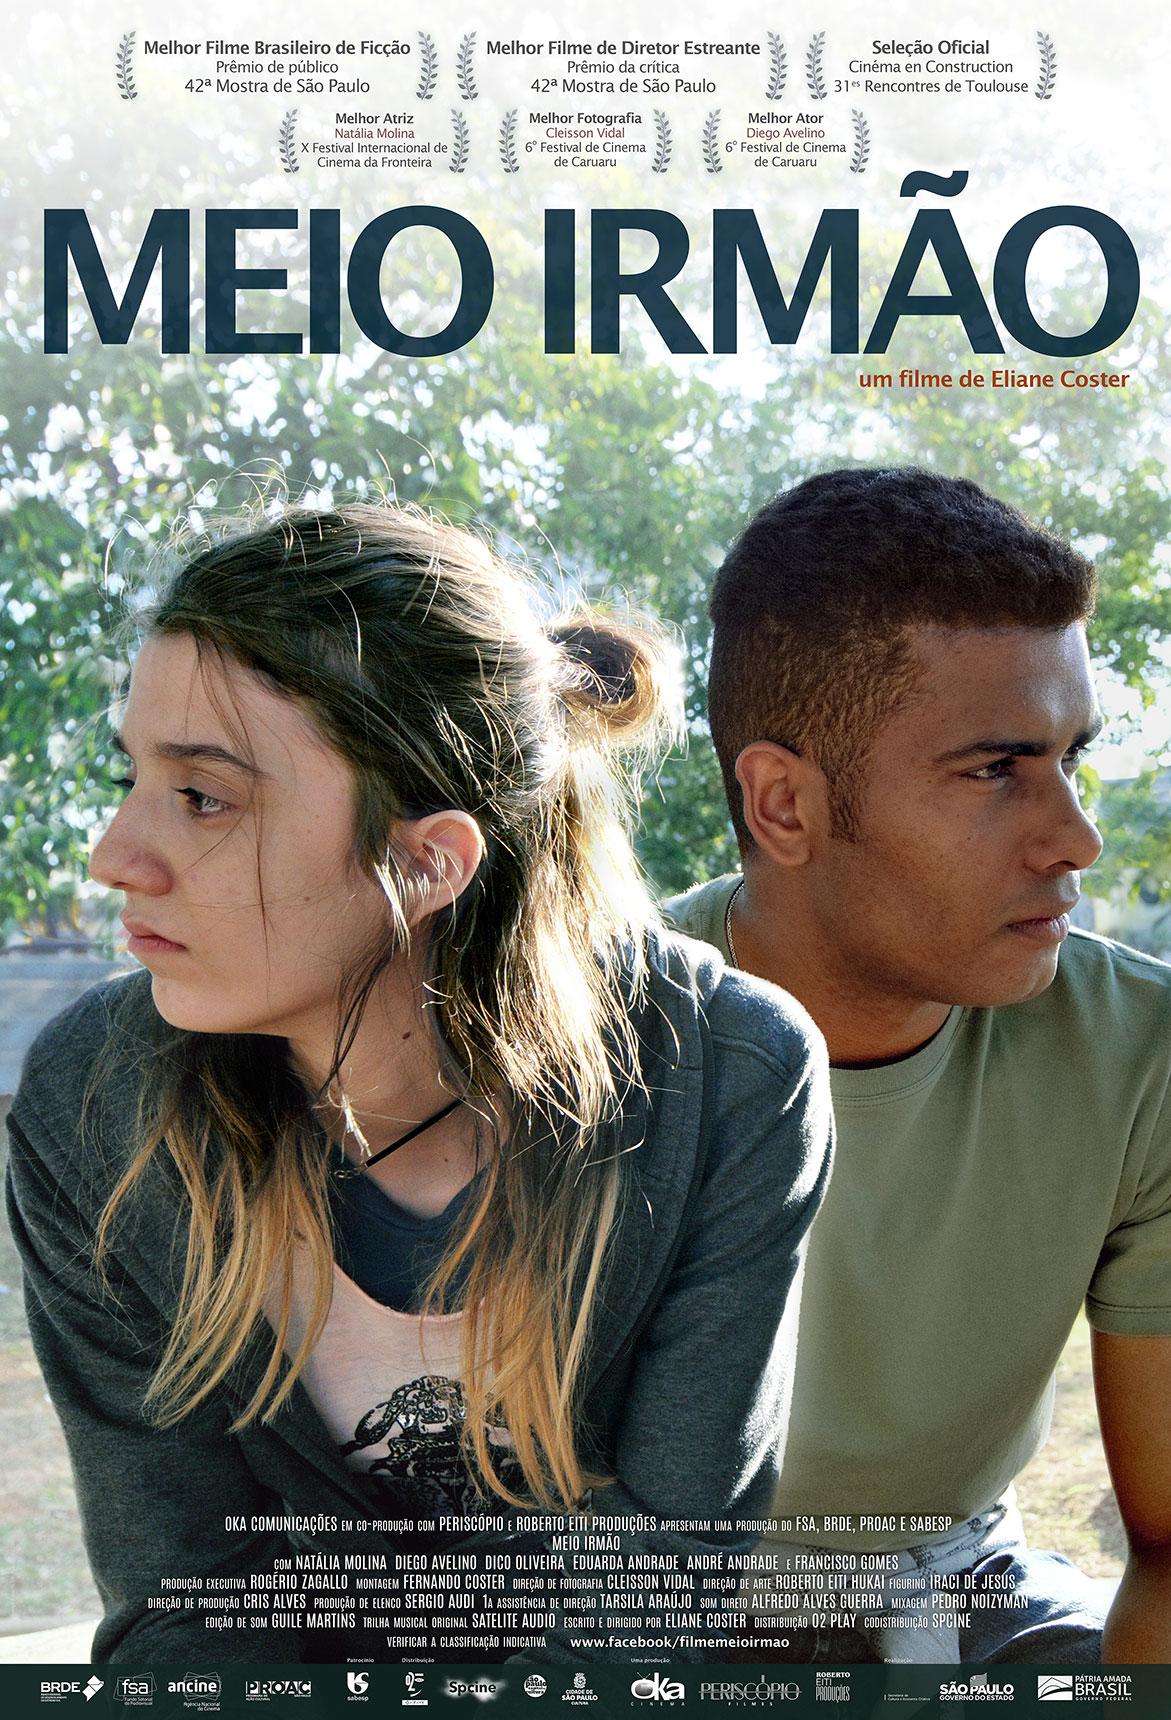 Filme premiado dirigido pela Profa. Eliane Coster do DAC está disponível em plataformas digitais